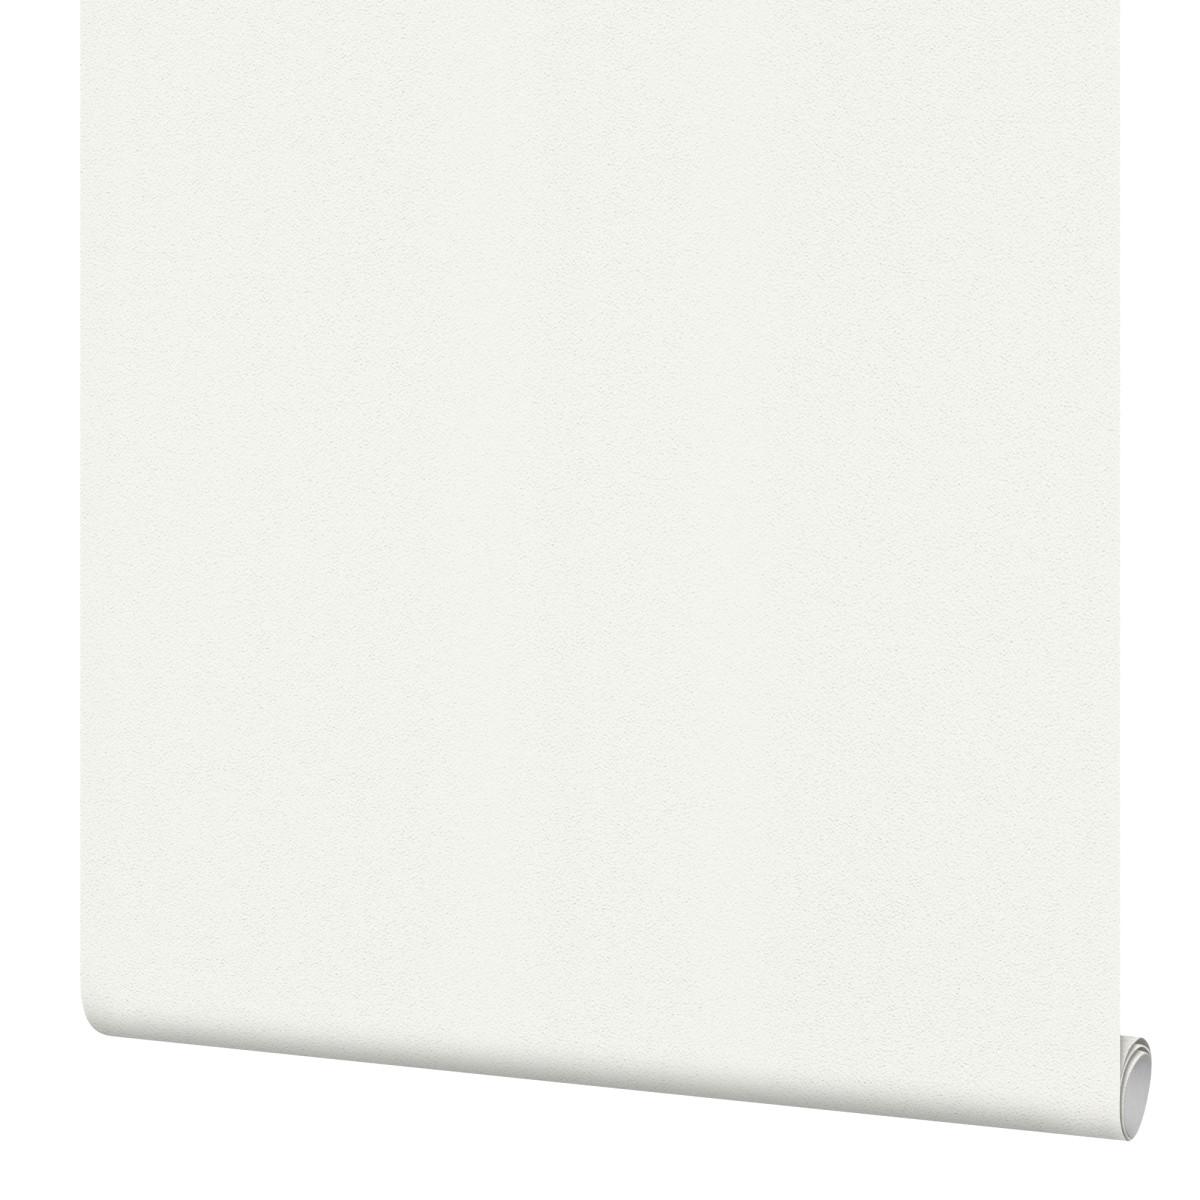 Обои флизелиновые Rasch Францгеом белые 0.53 м 607727